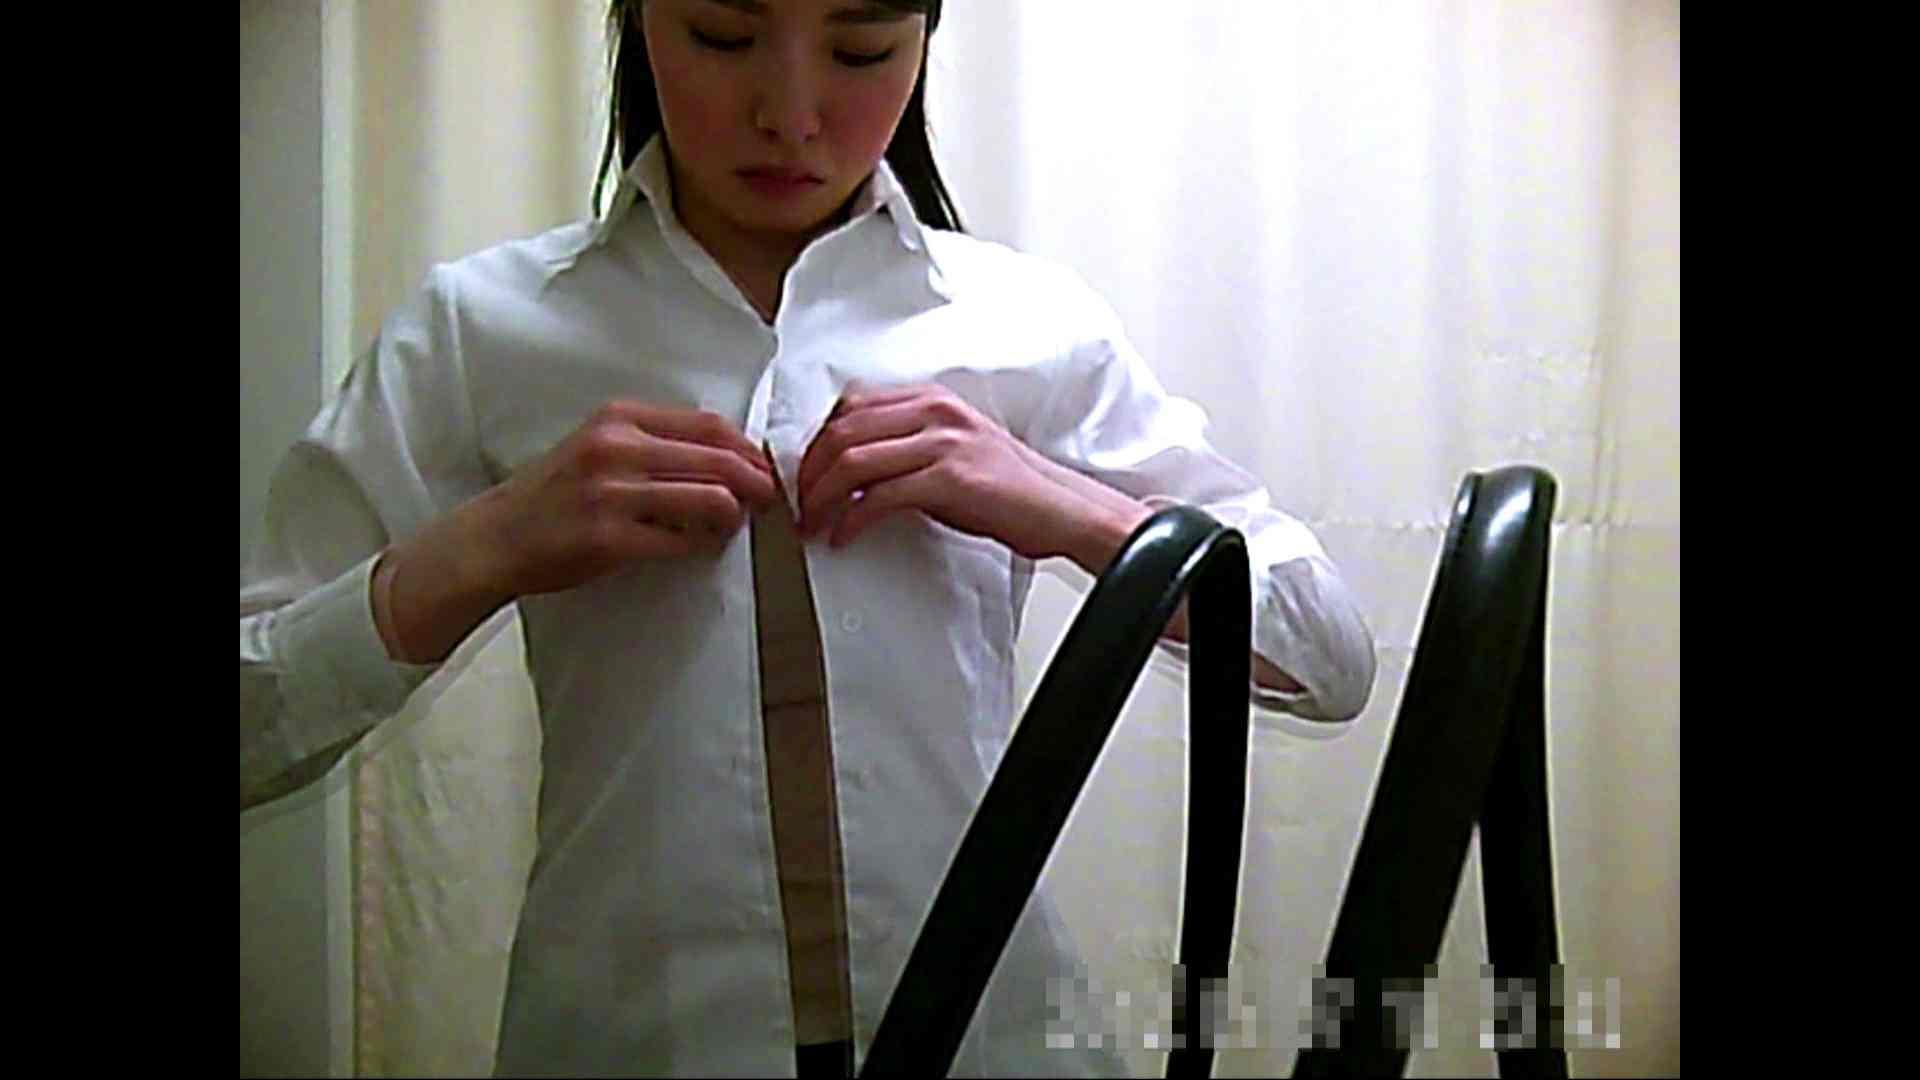 元医者による反抗 更衣室地獄絵巻 vol.003 OL女体 | 0  91連発 15